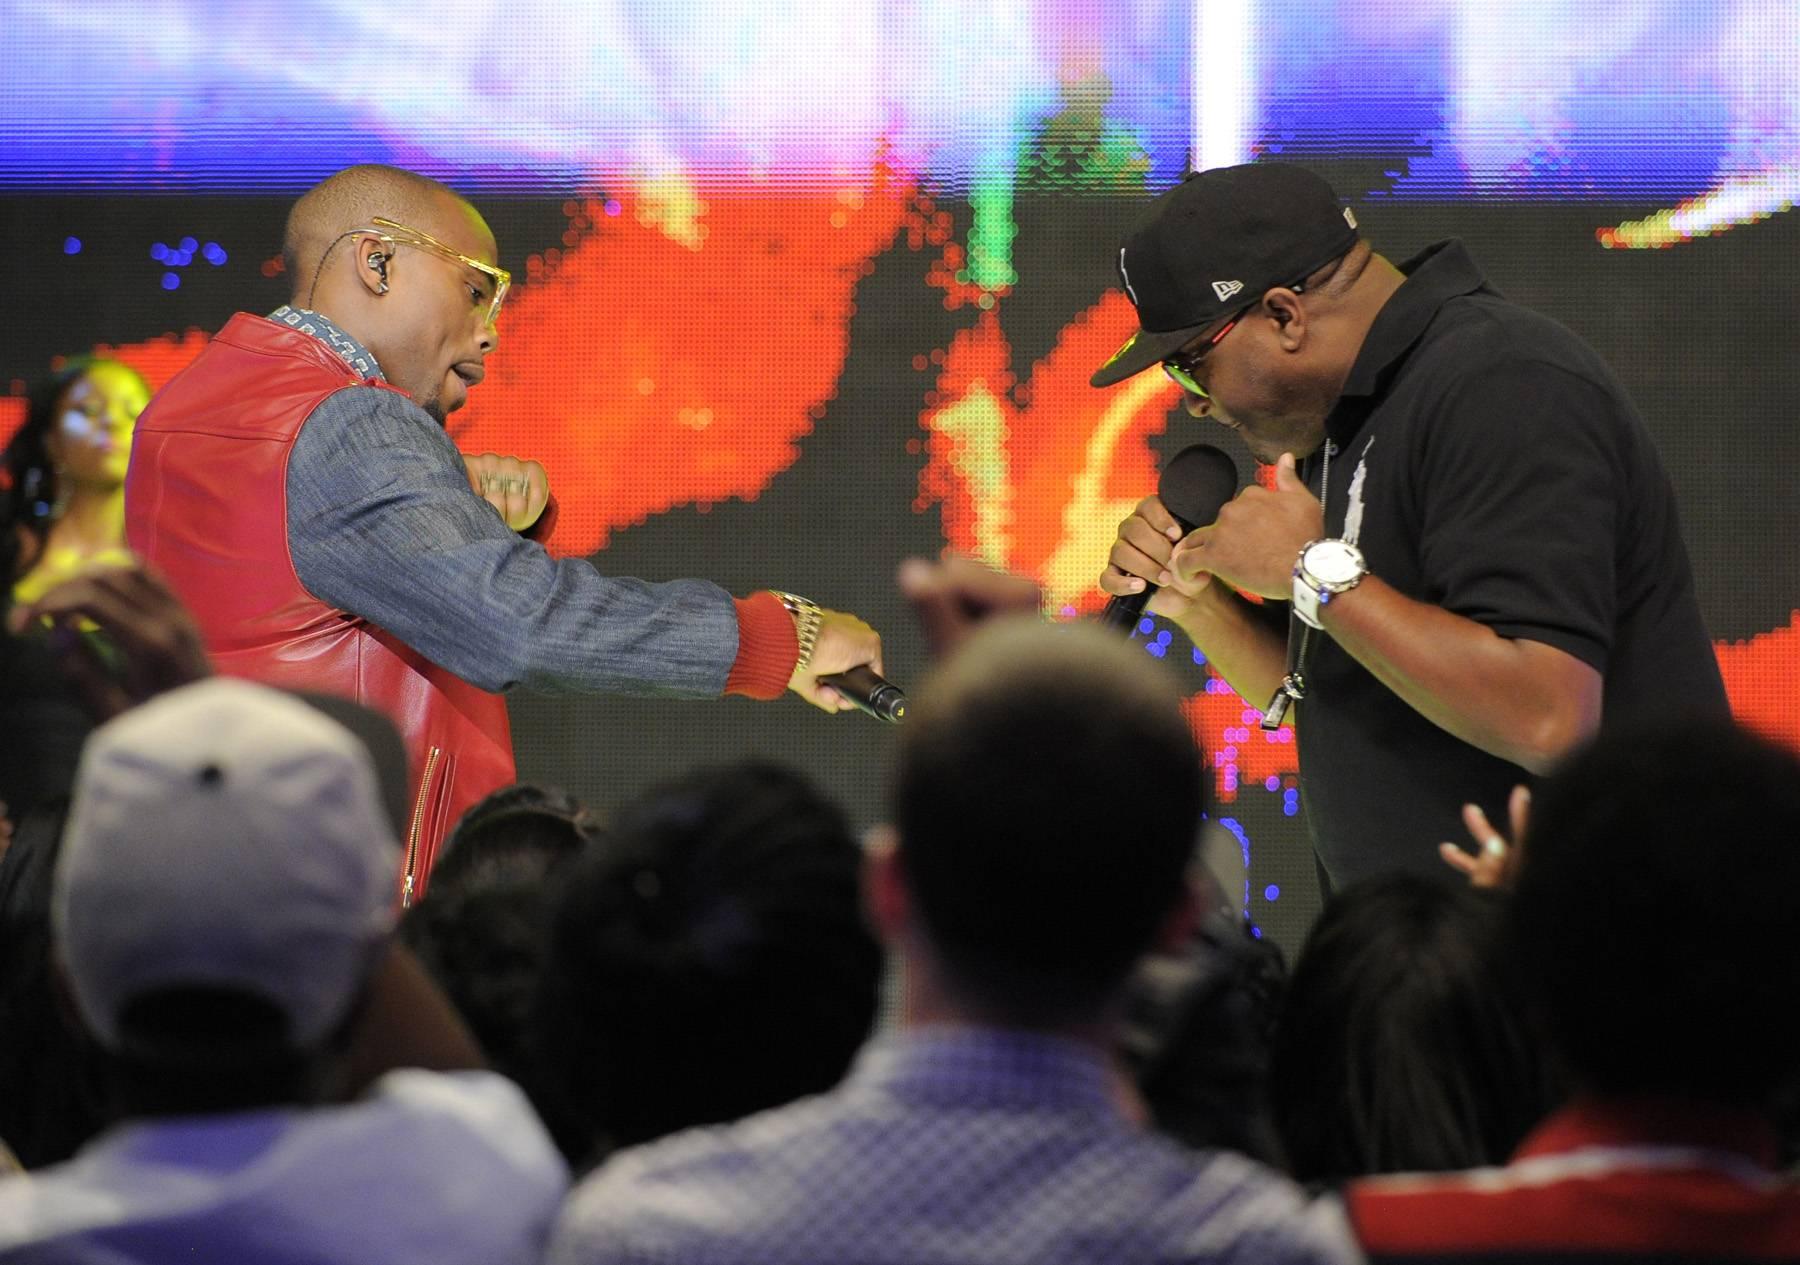 Move It - B.o.B performs at 106 & Park, May 1, 2012. (Photo: John Ricard / BET)